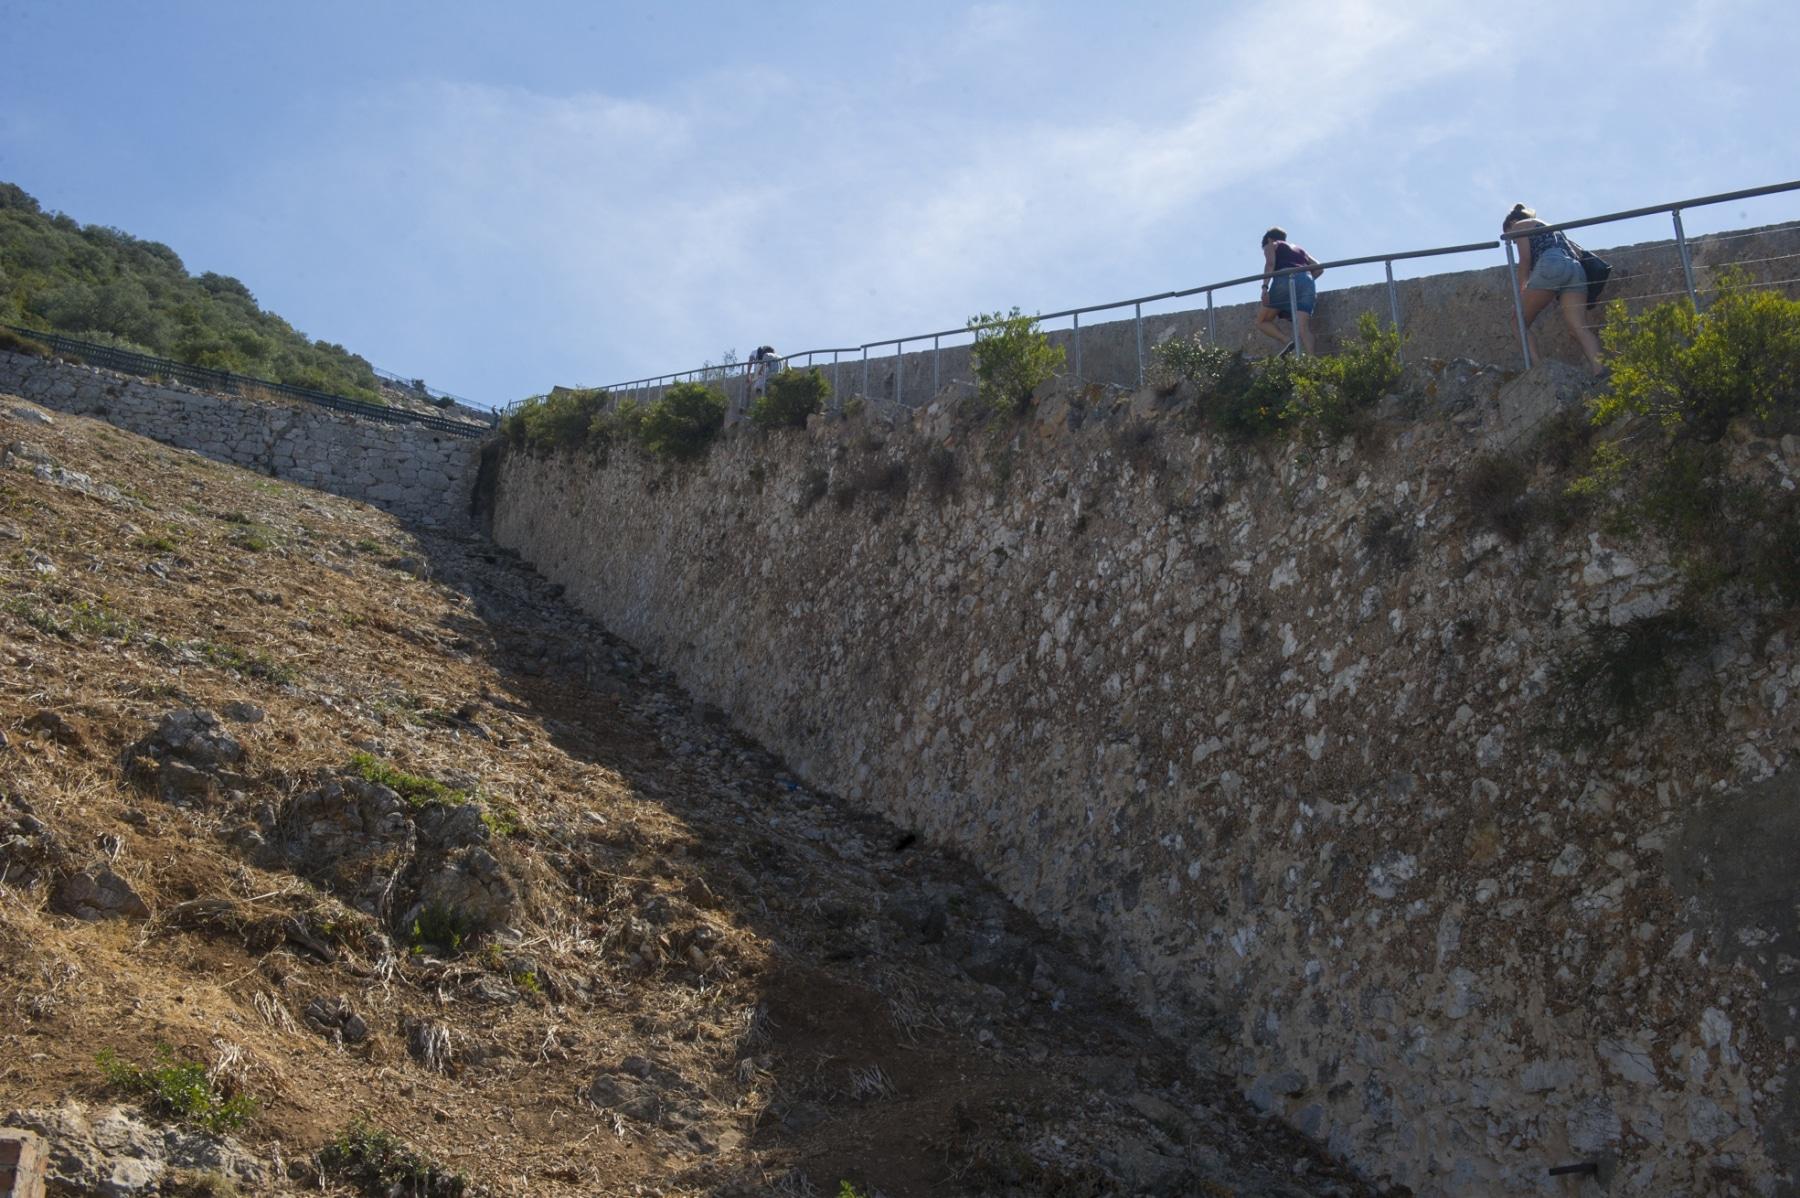 los-escalones-del-mediterrneo-suben-desde-la-ciudad-a-lo-ms-alto-del-pen-de-gibraltar_22726117412_o